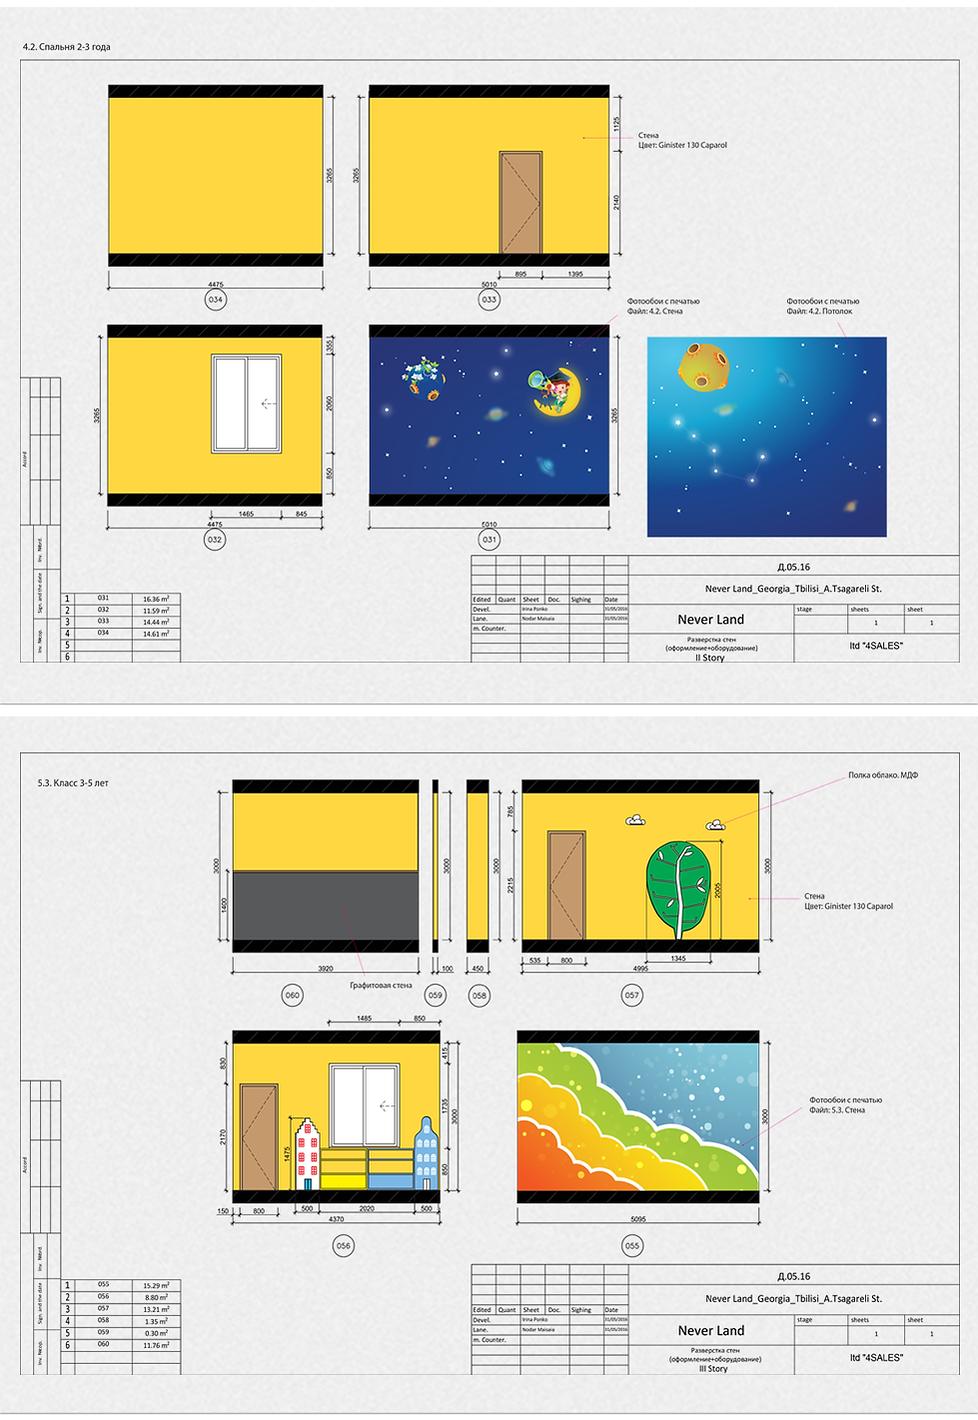 საბავშვო ბაღის დიზაინ პროექტი